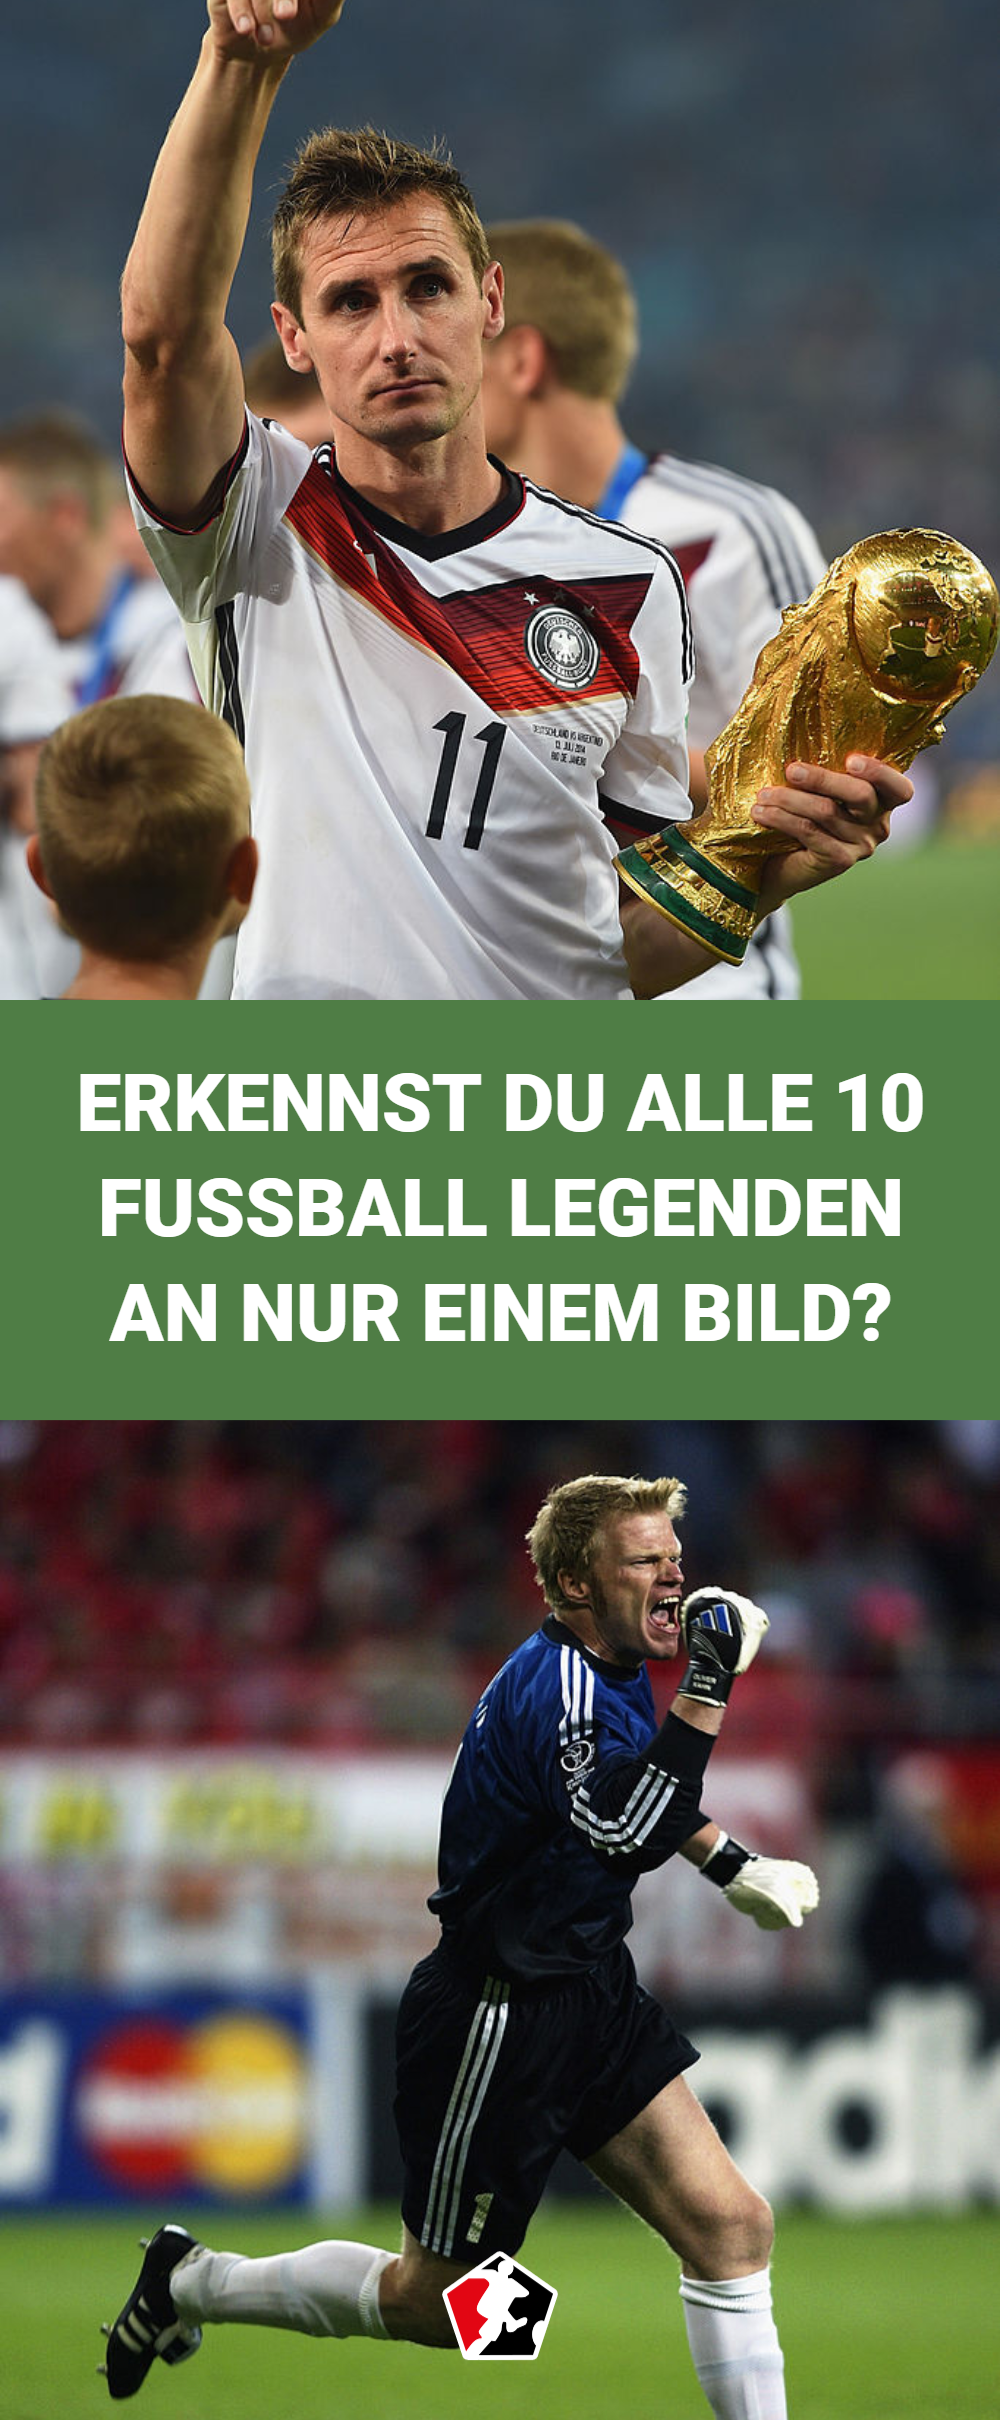 Der Ruhm Dieser Dfb Legenden Ist Zeitlos Erkennst Du Diese 10 Fussball Legenden Der Deuts Deutsche Nationalmannschaft Dfb Nationalmannschaft Nationalmannschaft